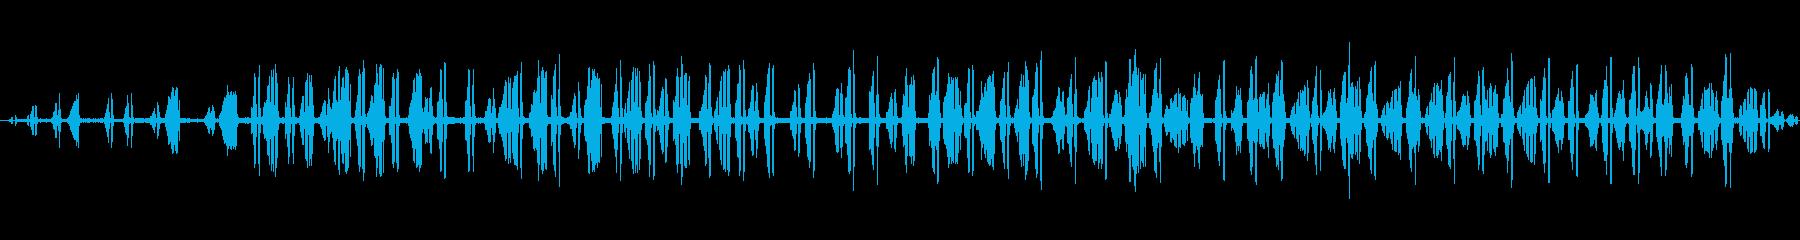 2-3カエルの鳴き声、動物、両生類...の再生済みの波形